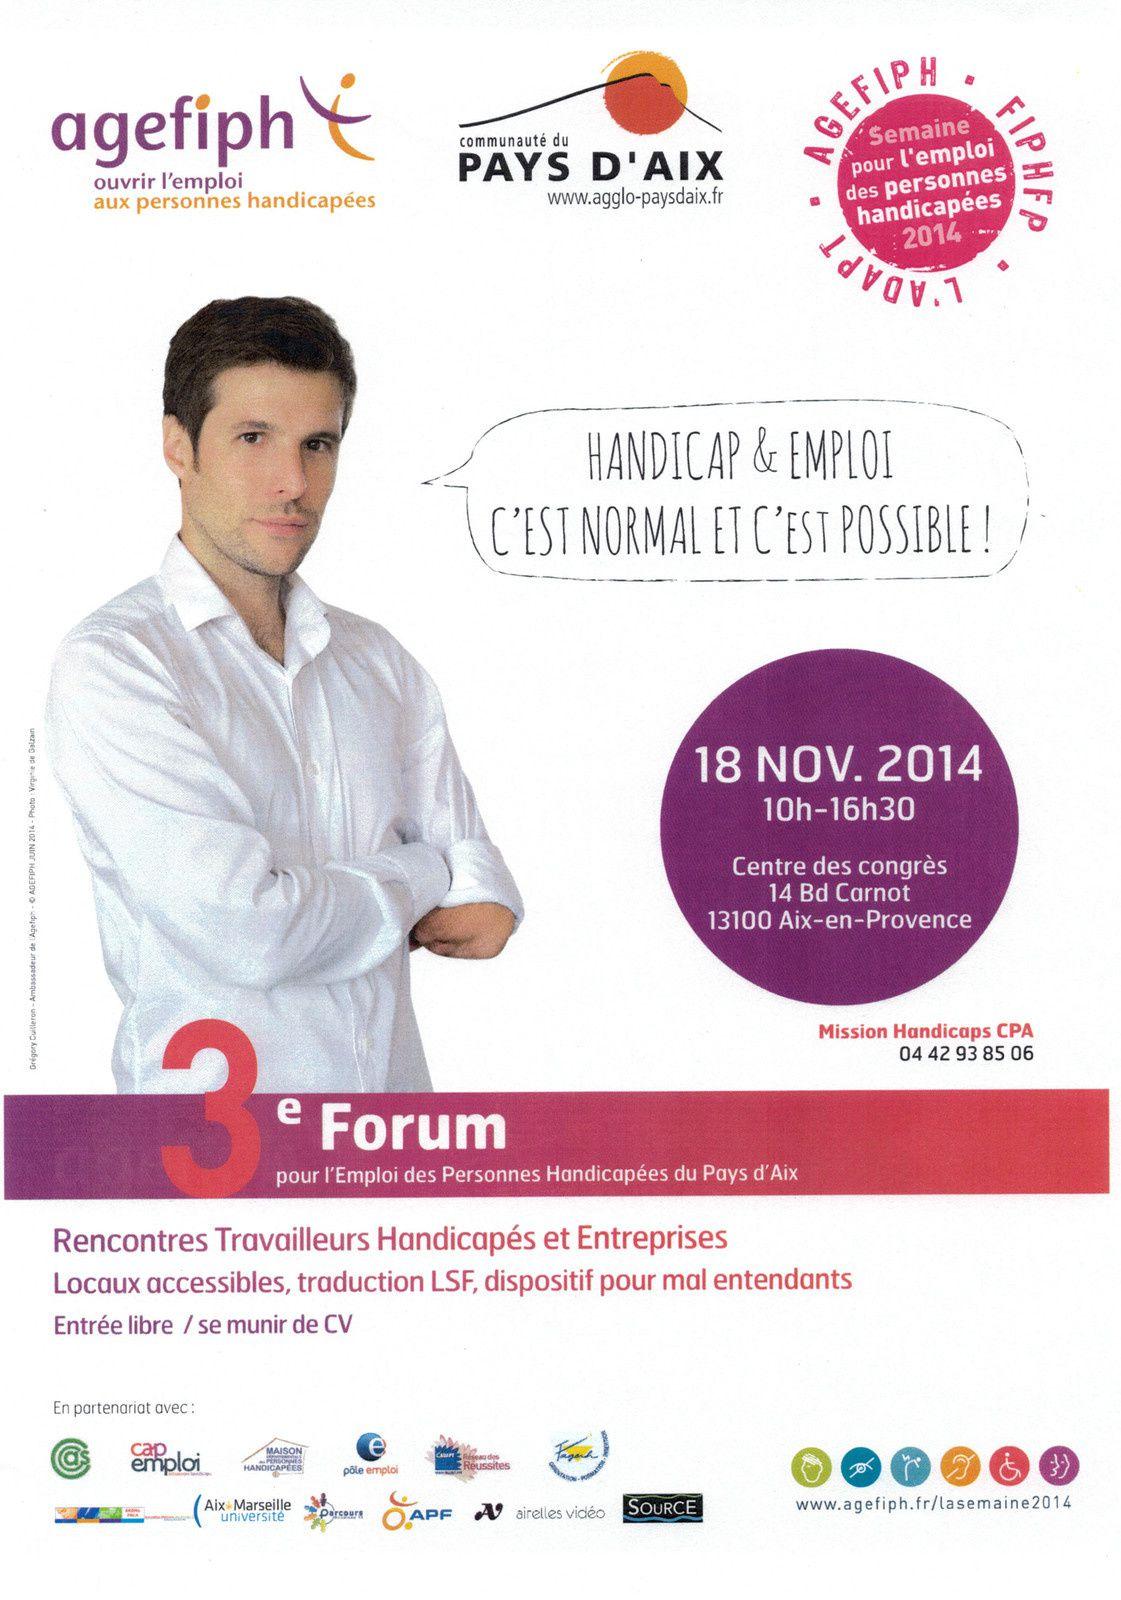 Forum pour l'emploi des personnes handicapées: Aix en Provence Mardi 18/11/2014